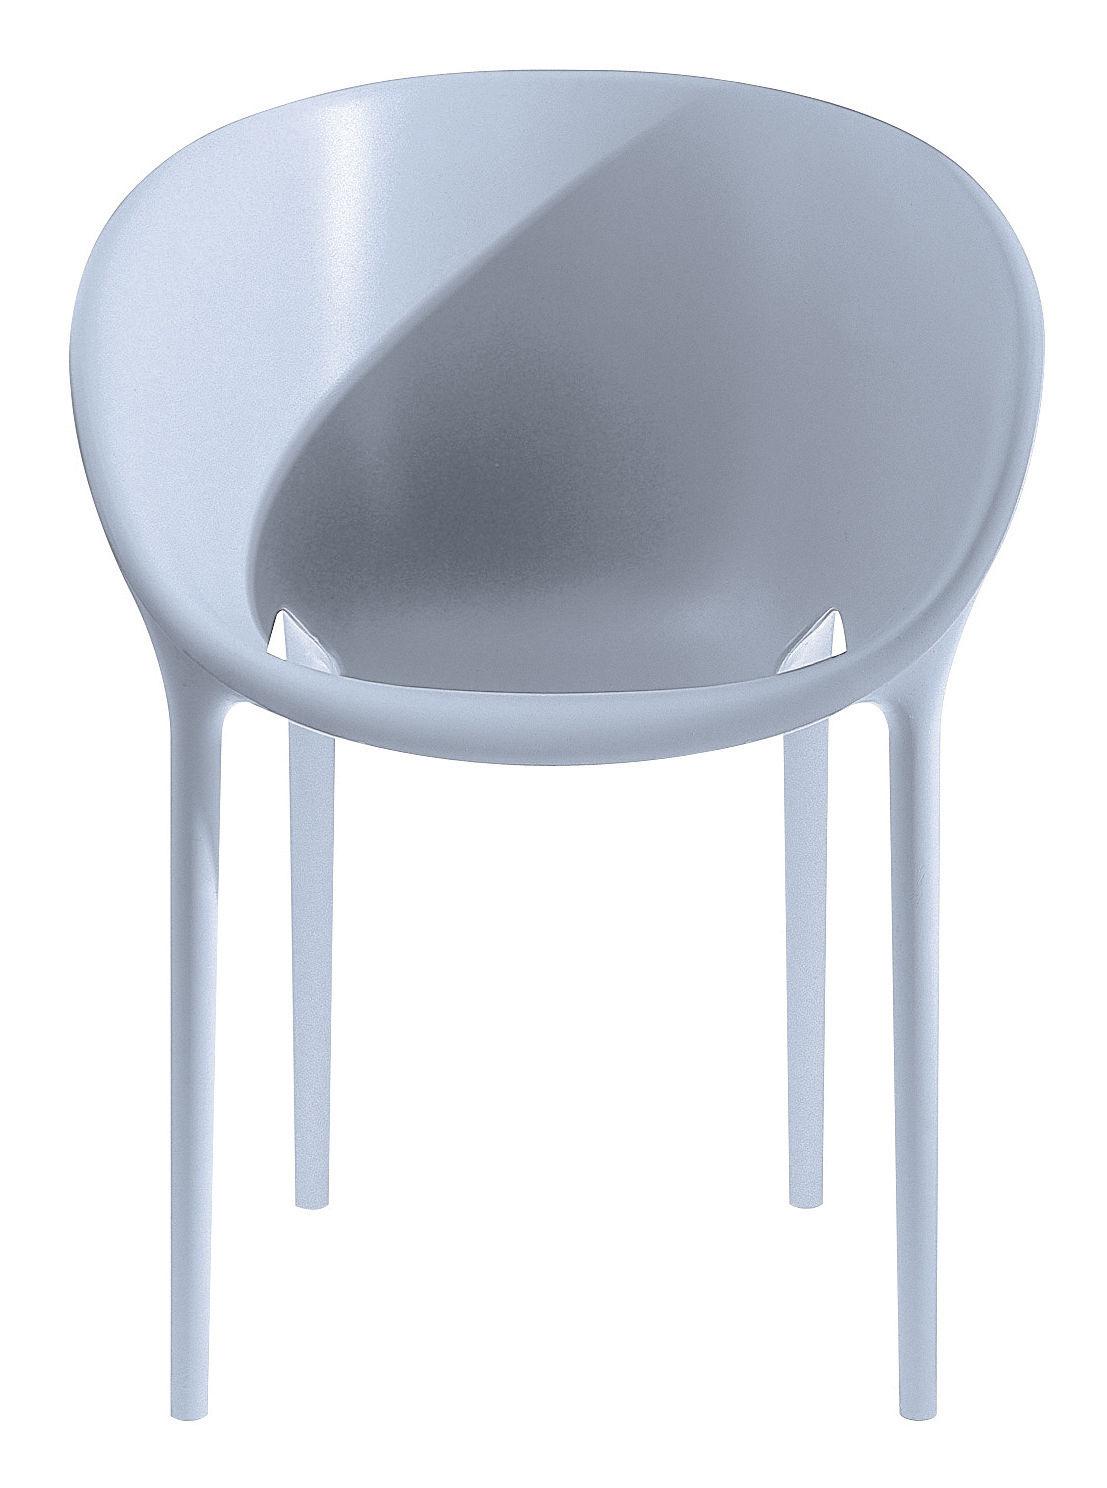 Mobilier - Chaises, fauteuils de salle à manger - Fauteuil empilable Soft Egg / Polypropylène - Driade - Gris - Polypropylène